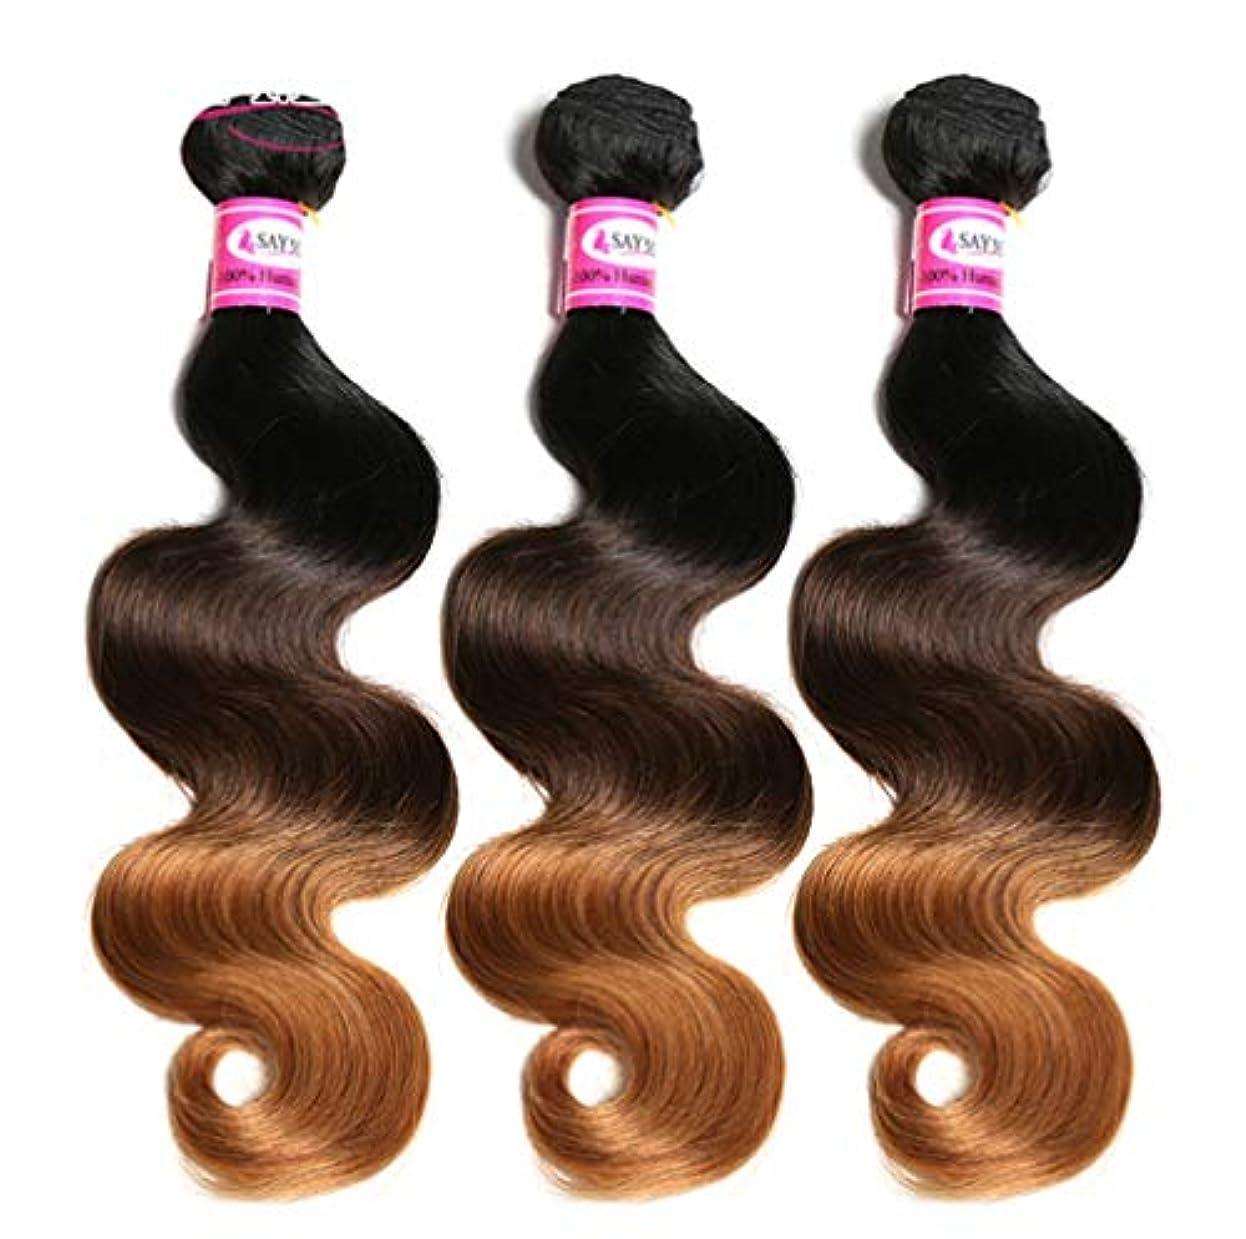 賃金鳴り響く魅力的100%ブラジル人毛束ボディウェーブ毛束オンブル人毛束織りグラデーション(3束)